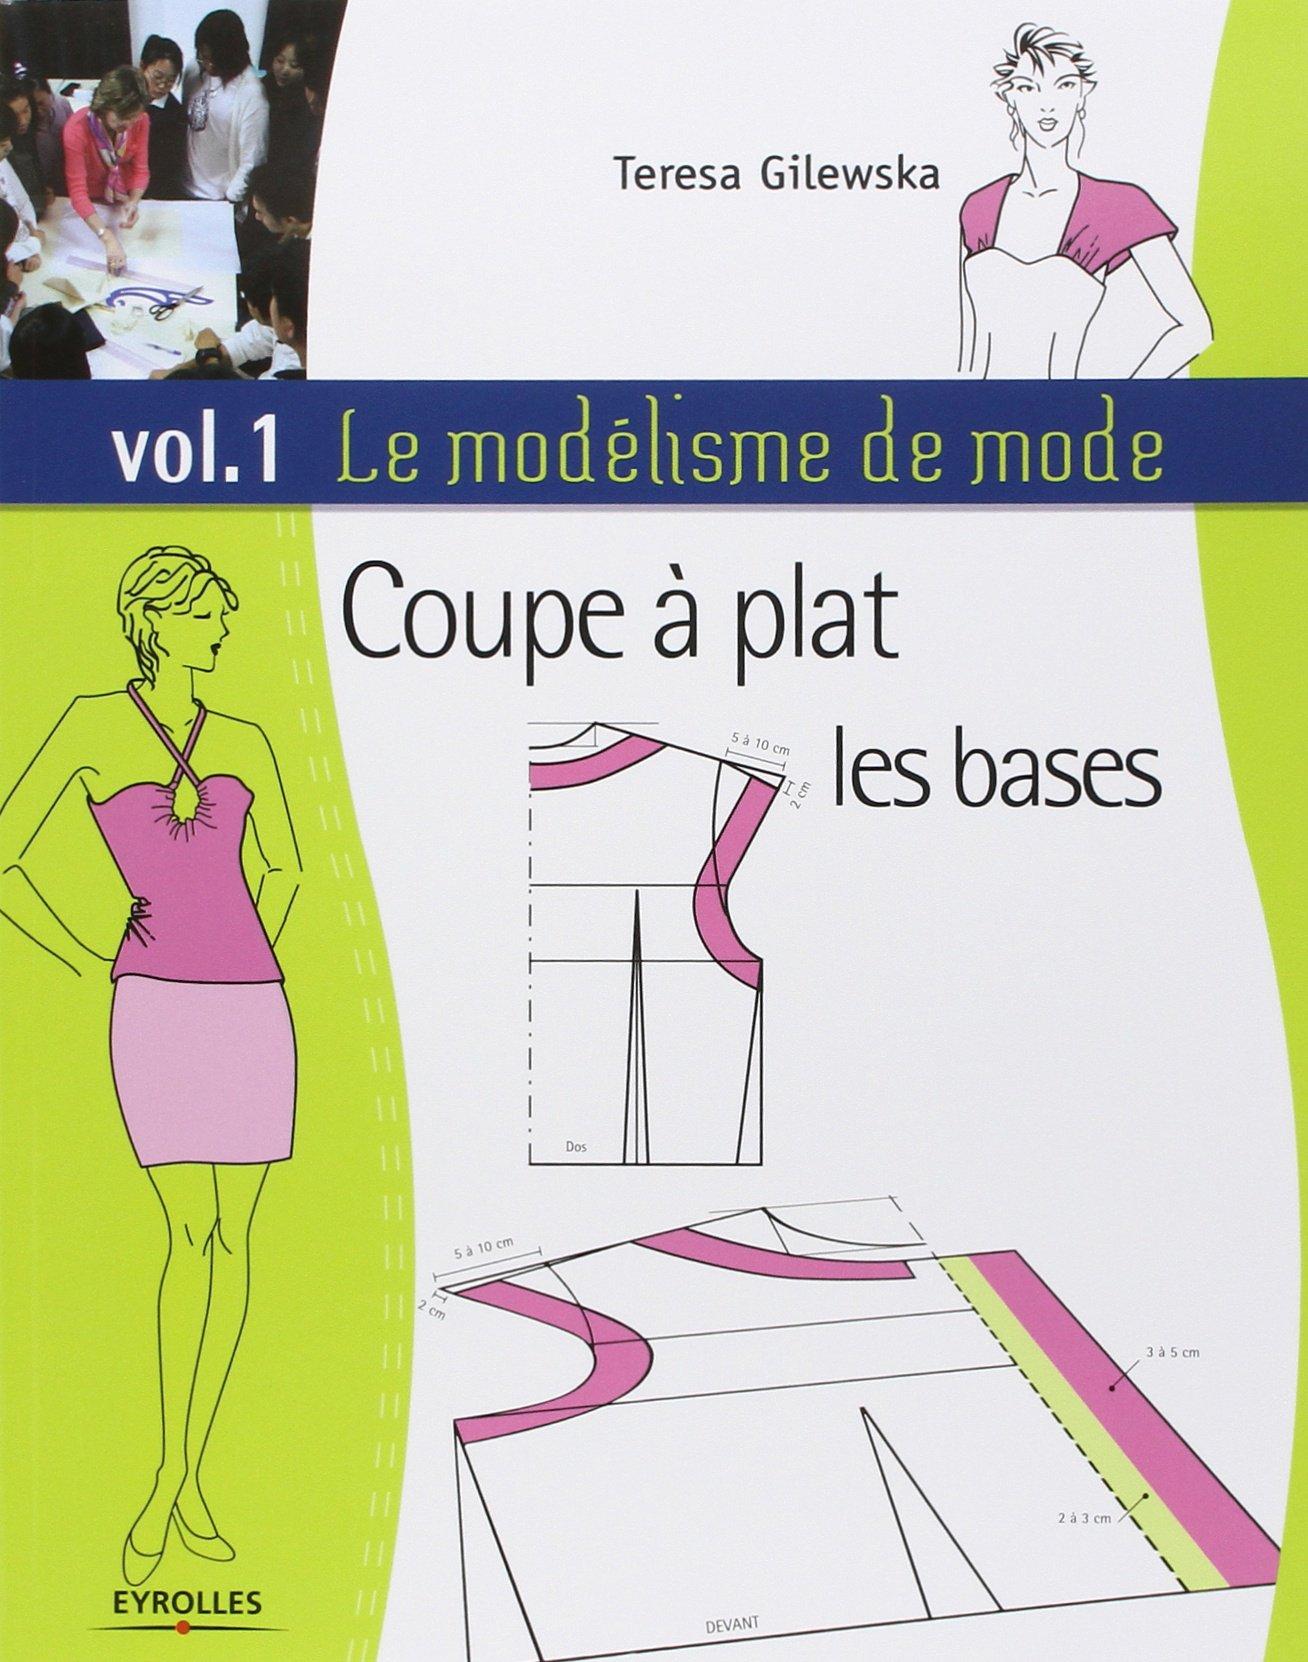 Coupe Modélisme Le Plat À Les Bases 1 De Mode Tome 7RAndqXA